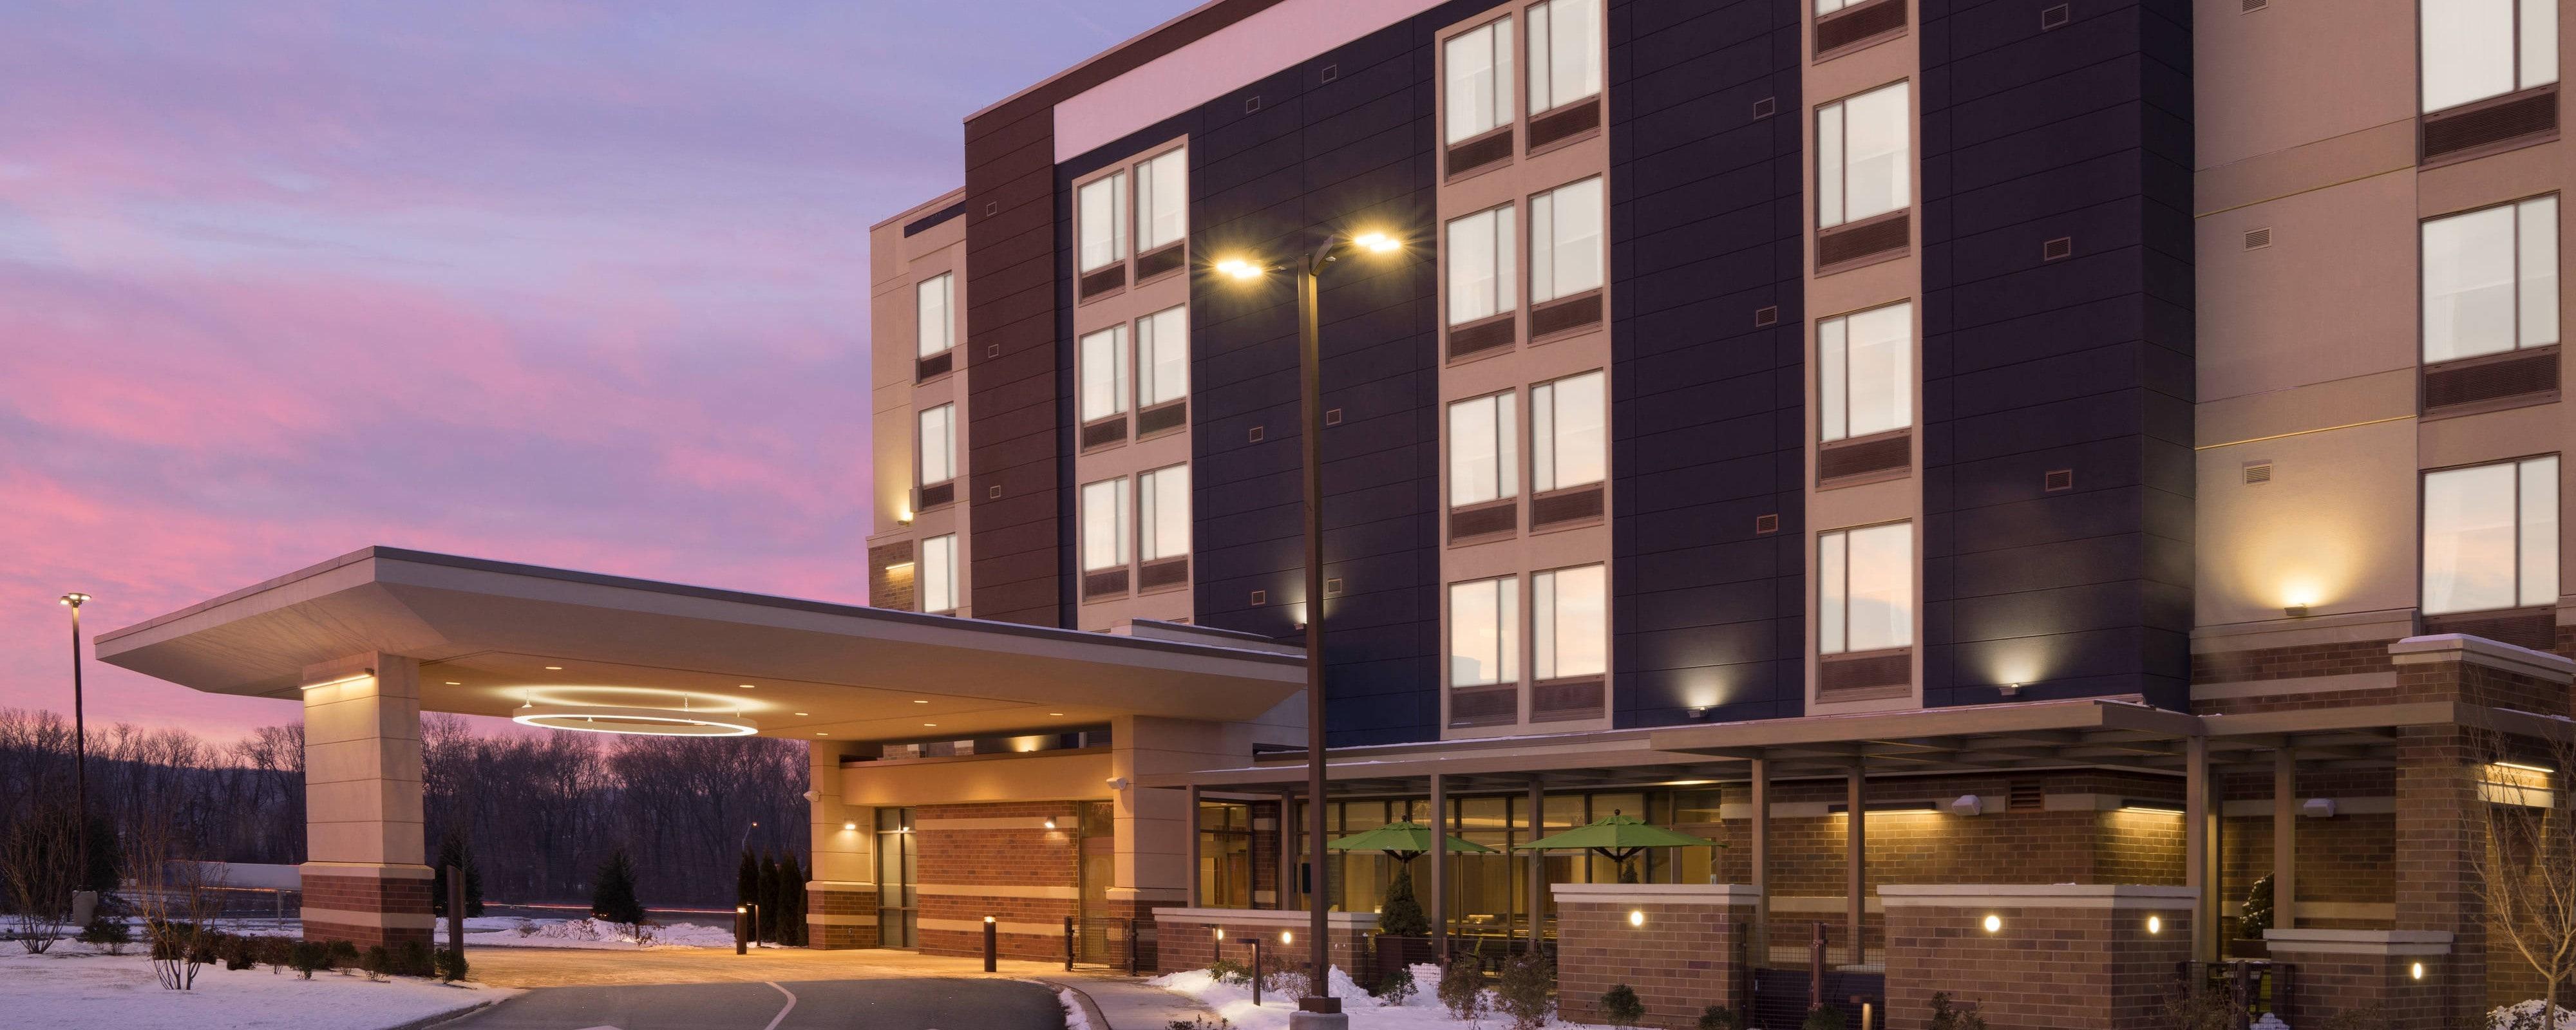 Zdjęcie firmy Huna Mua Wellness Center - Bethlehem, PA, Stany Zjednoczone.